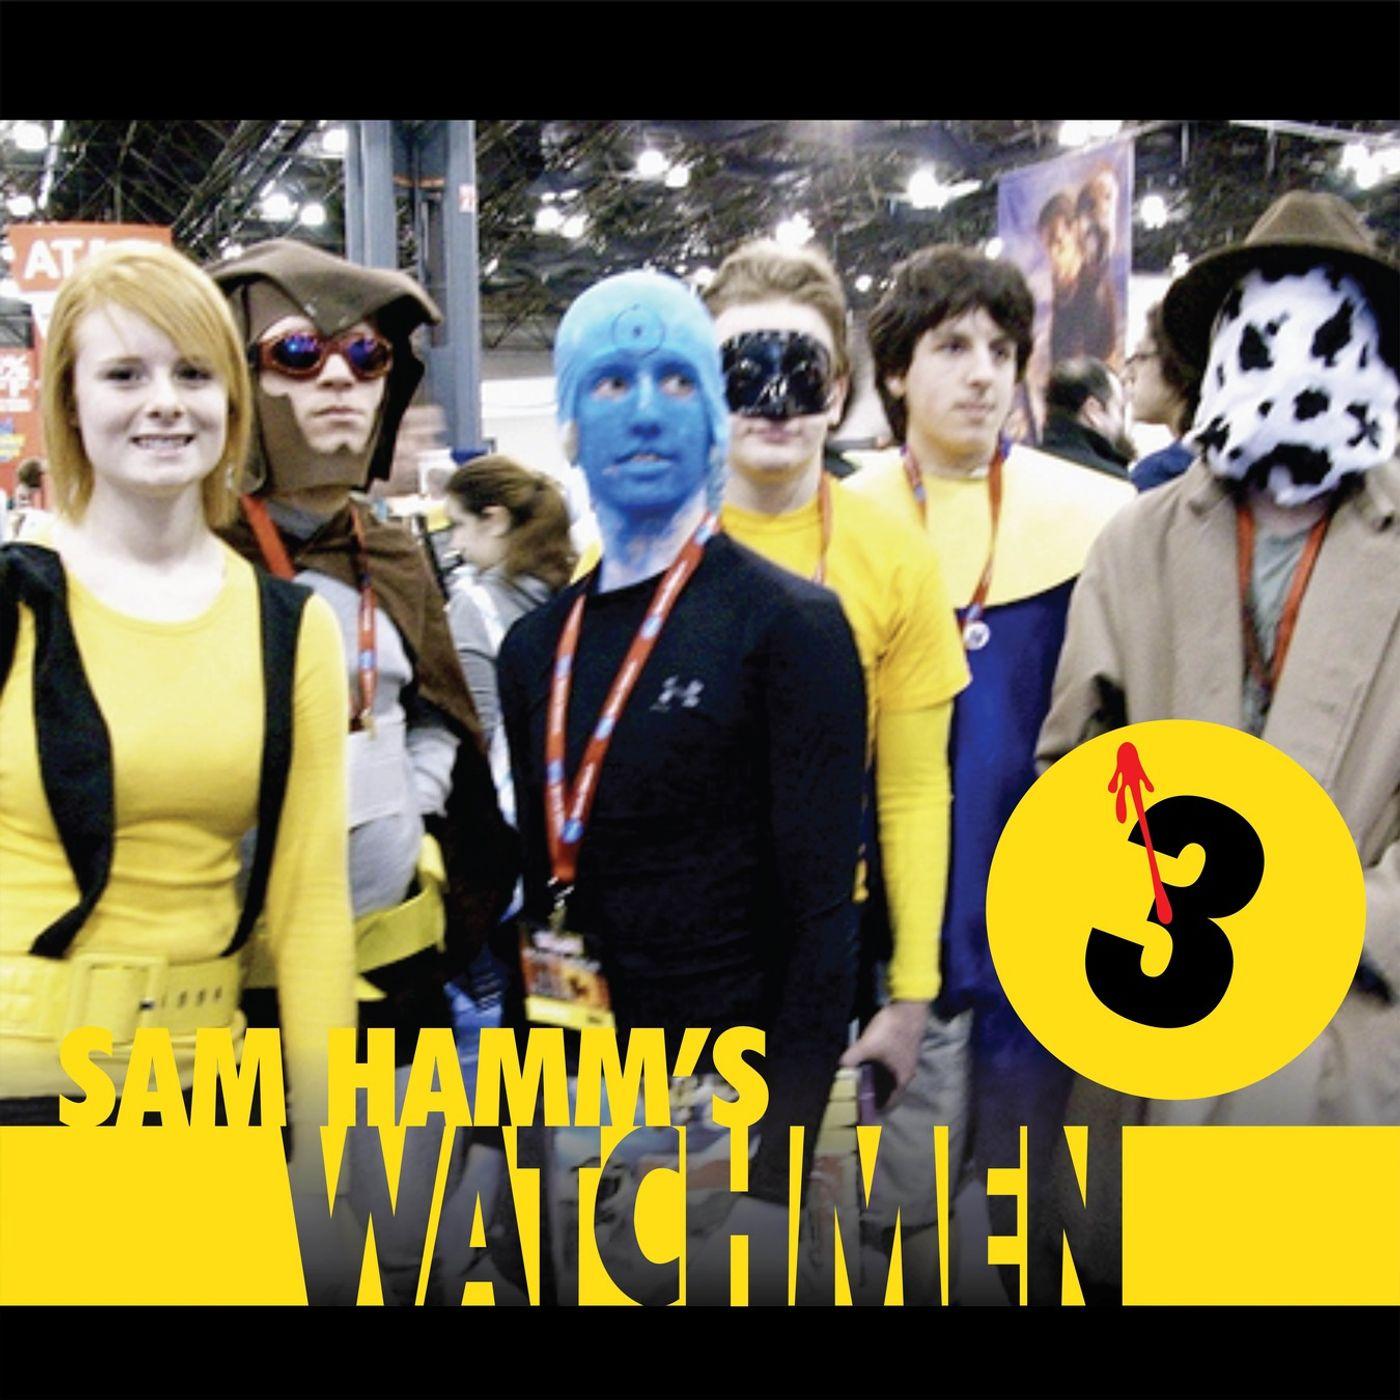 119 - Sam Hamm's Watchmen, Part 3